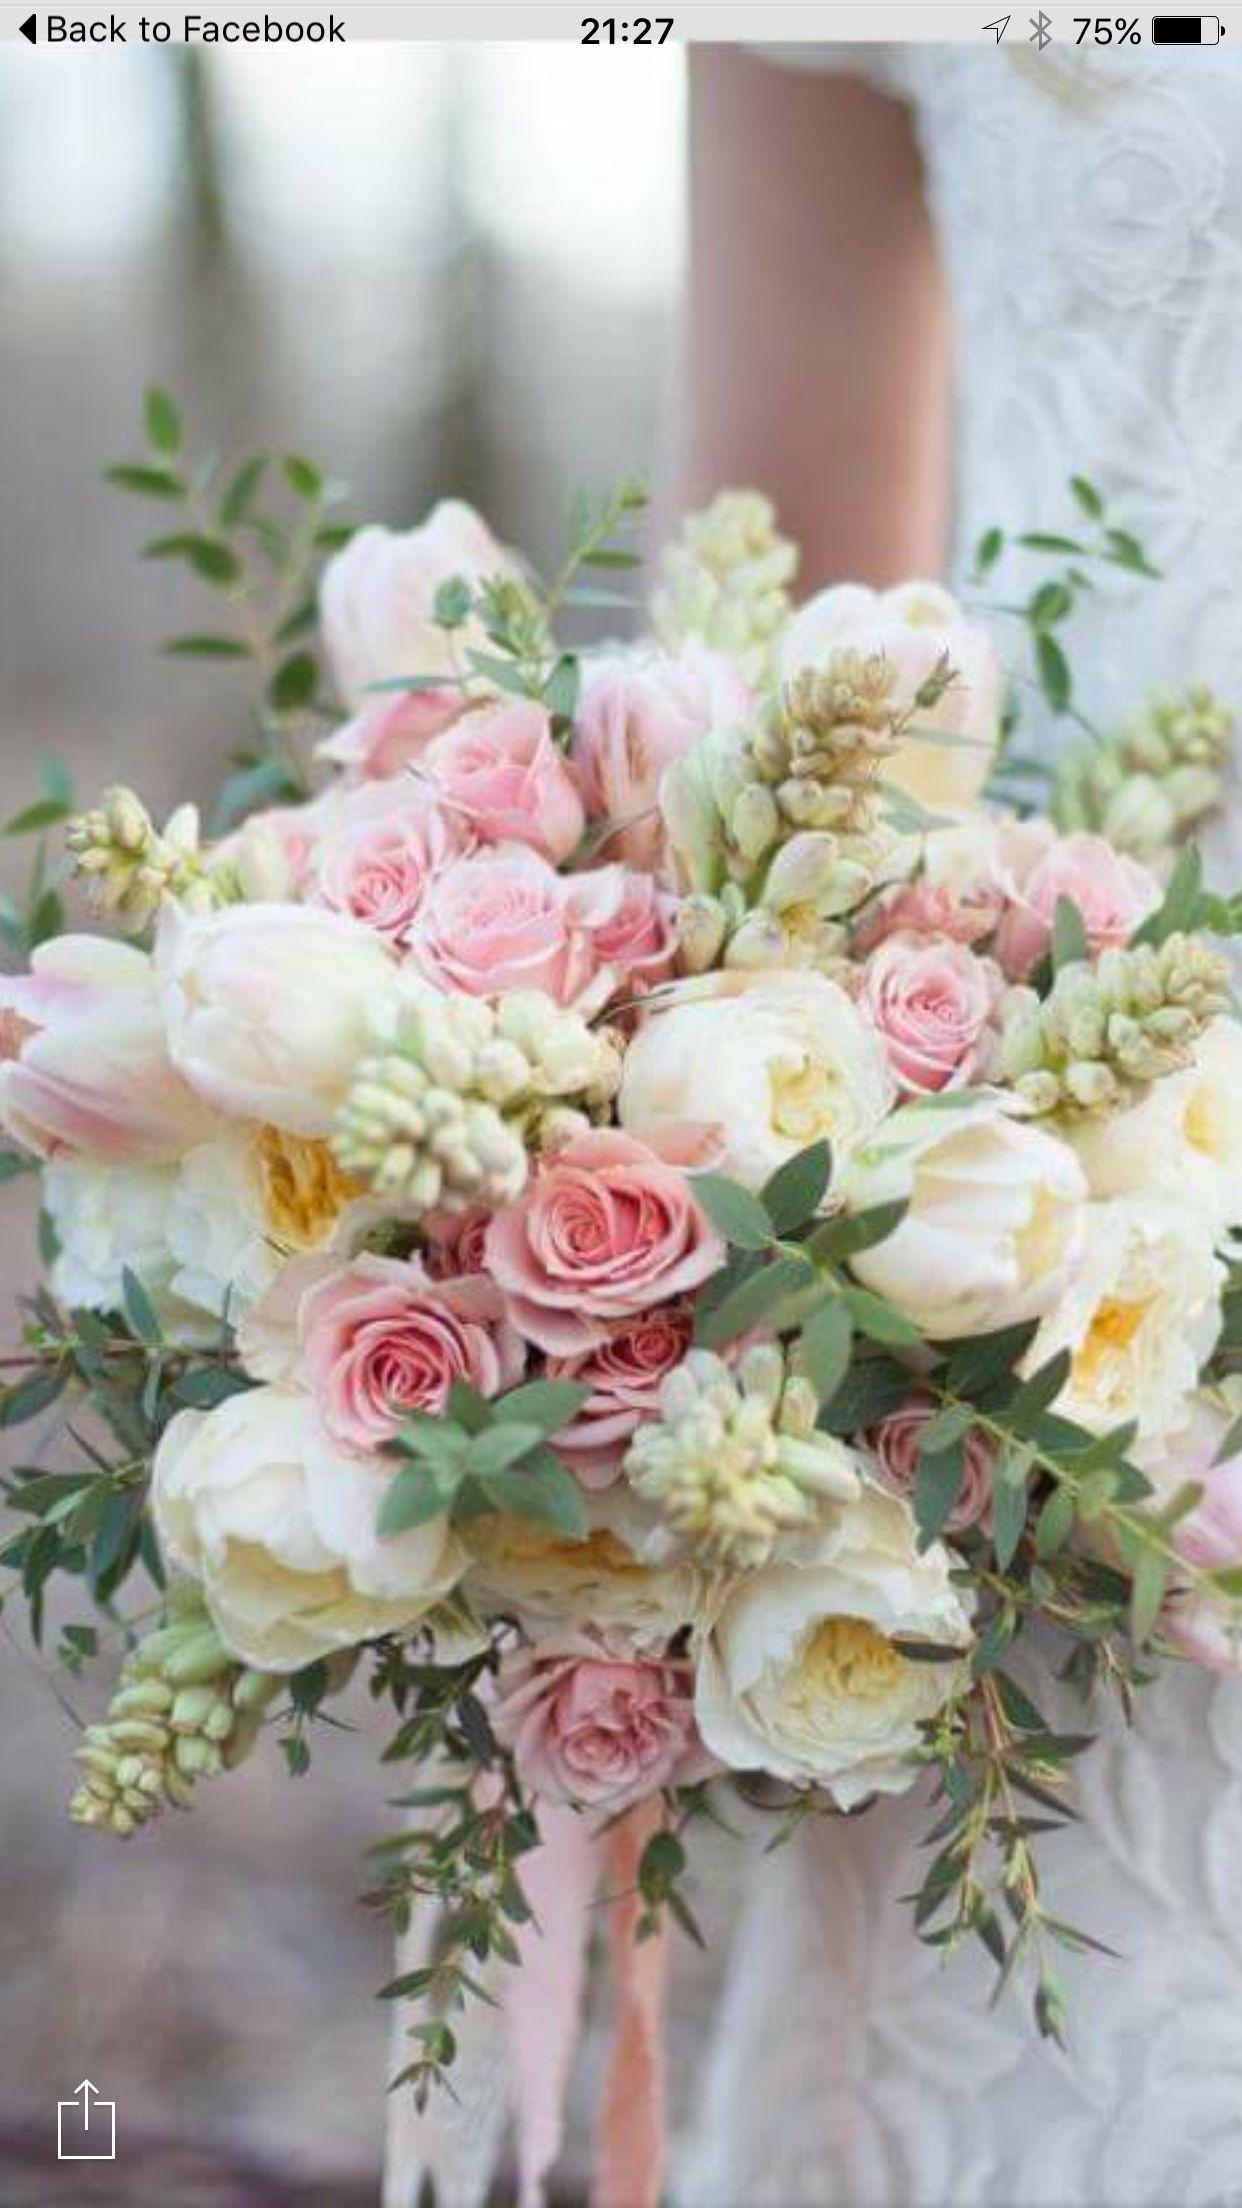 Hyacinth bouquet hollies wedding pinterest hyacinth bouquet hyacinth bouquet izmirmasajfo